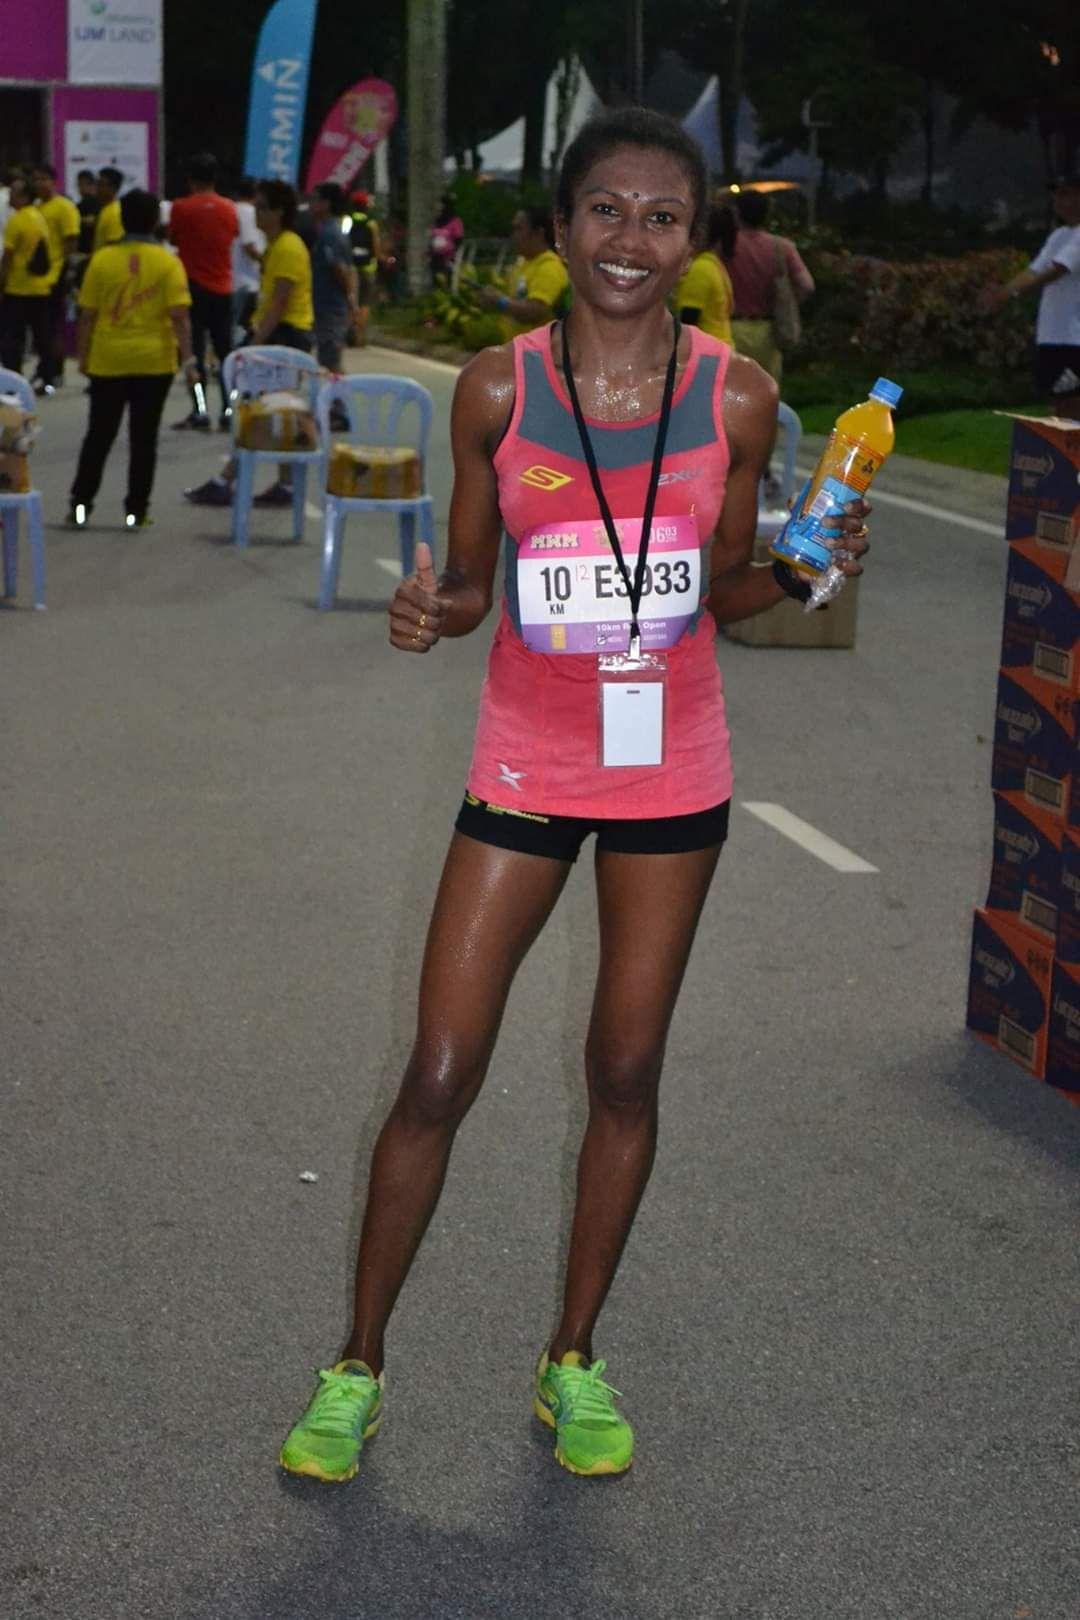 Sheela wants to run for as long as she can. Photo: SHEELA SAMIVELLU